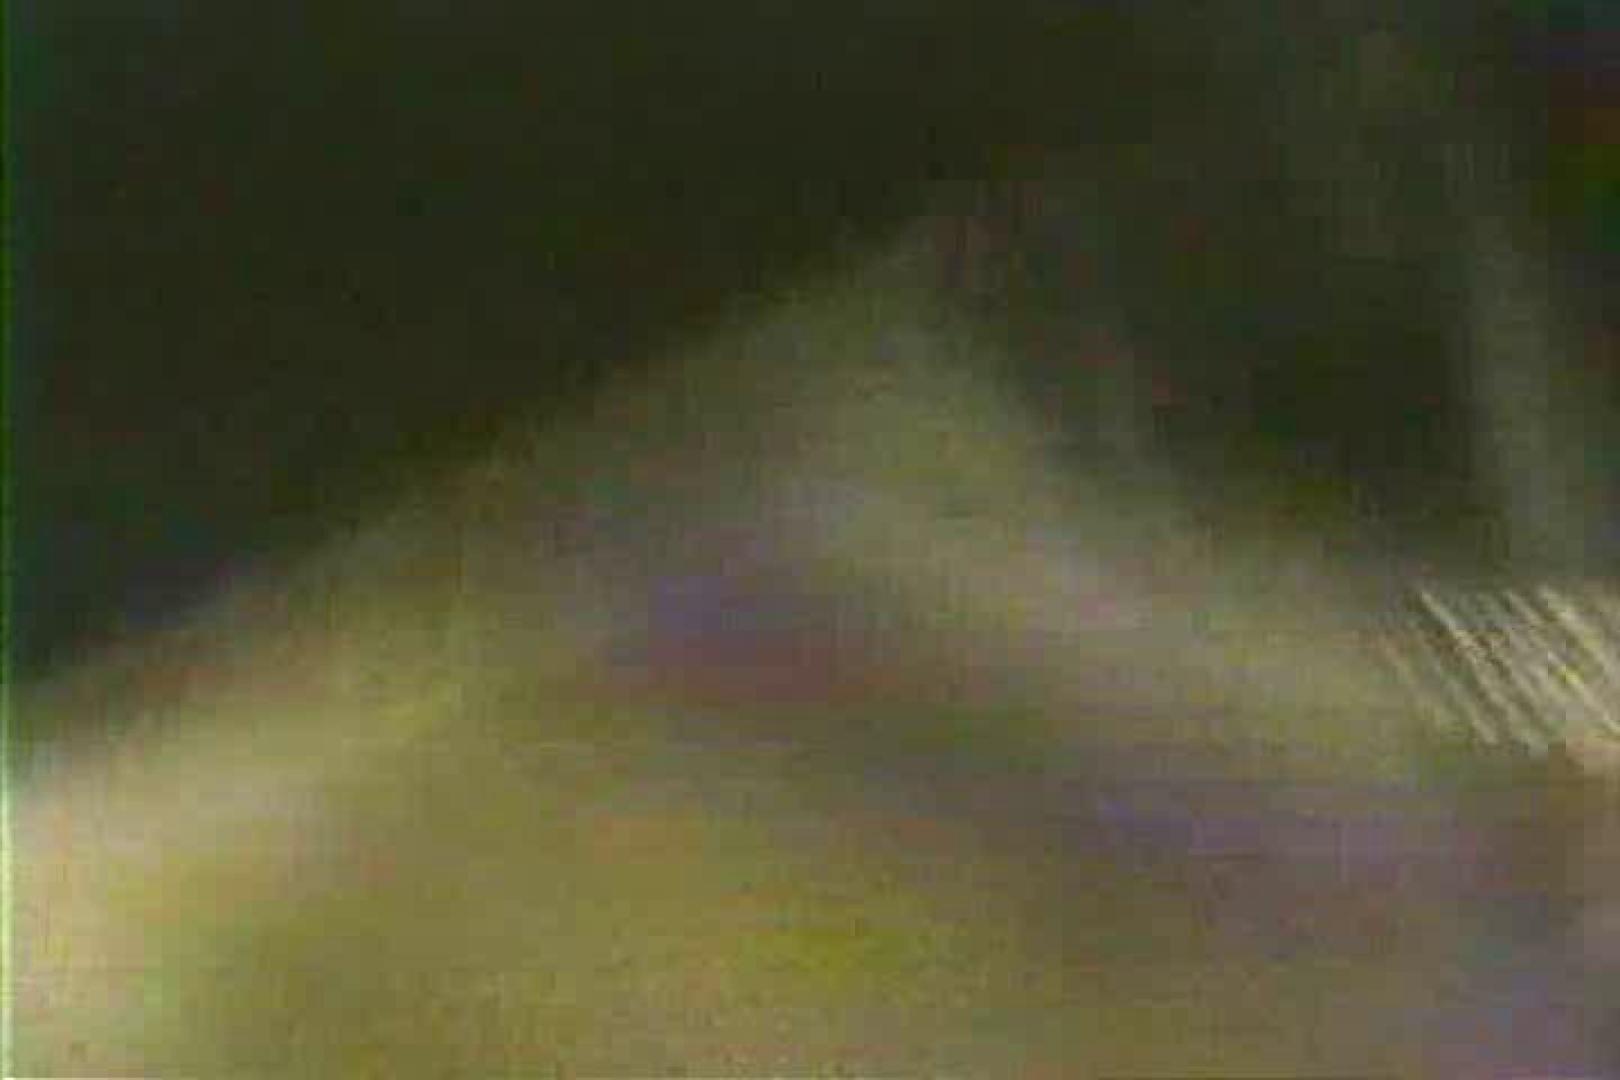 「ちくりん」さんのオリジナル未編集パンチラVol.9_02 美しいOLの裸体 セックス画像 77pic 17